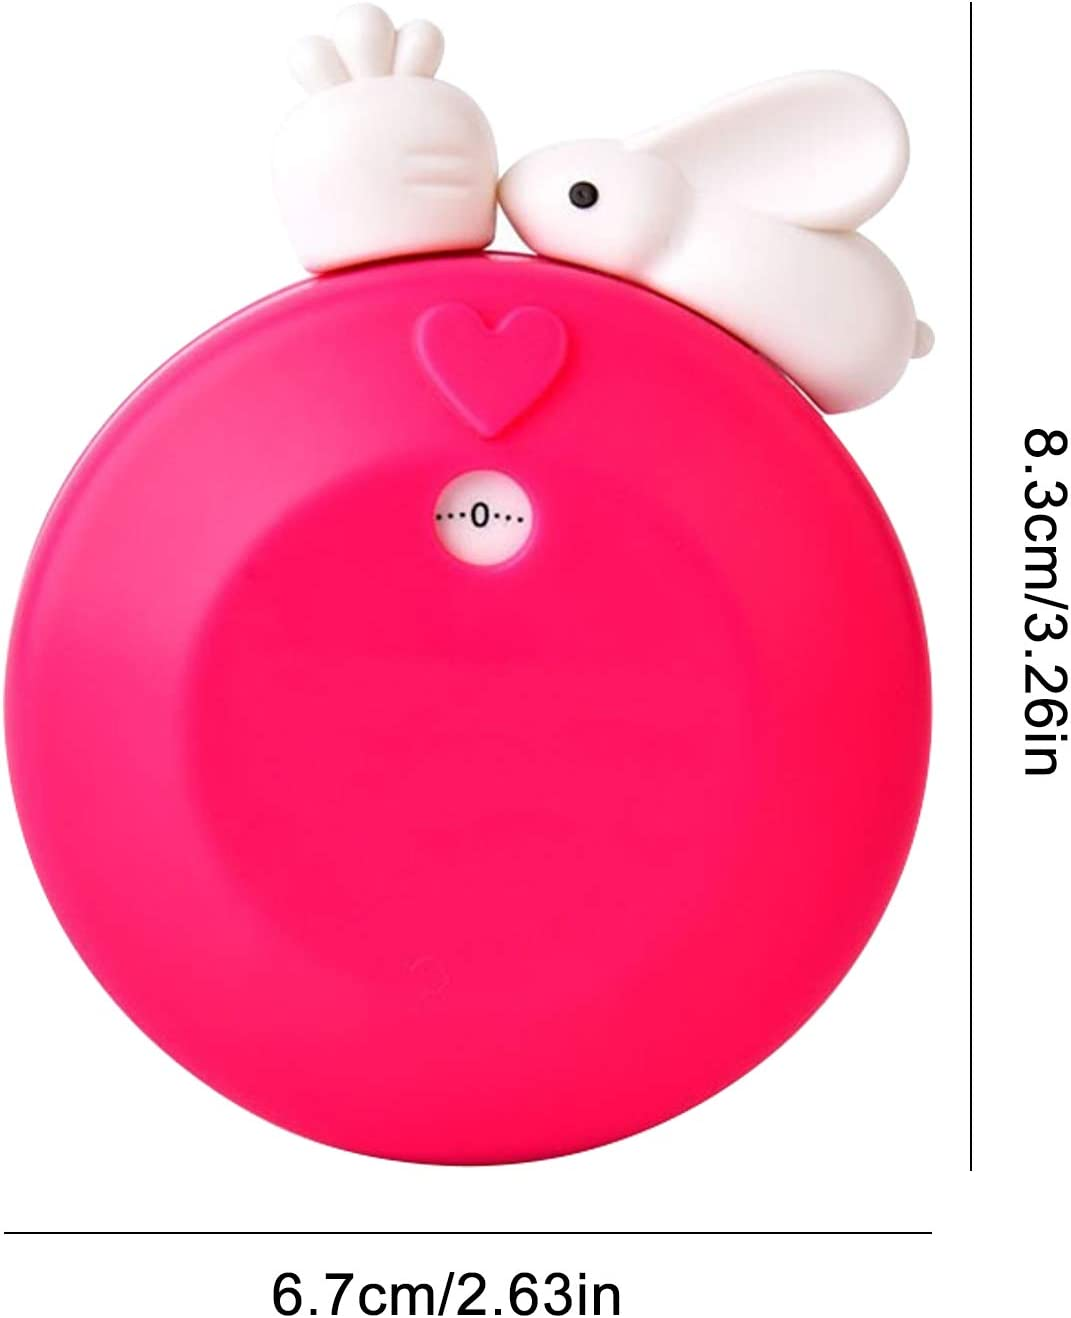 2 Pezzi Simpatica Sveglia a Forma di Coniglio con Conto alla rovescia Cottura alla griglia Studio Yoga MA Lvjkes Timer da Cucina Meccanico Timer Meccanico da 60 Minuti Timer da Cucina Manuale